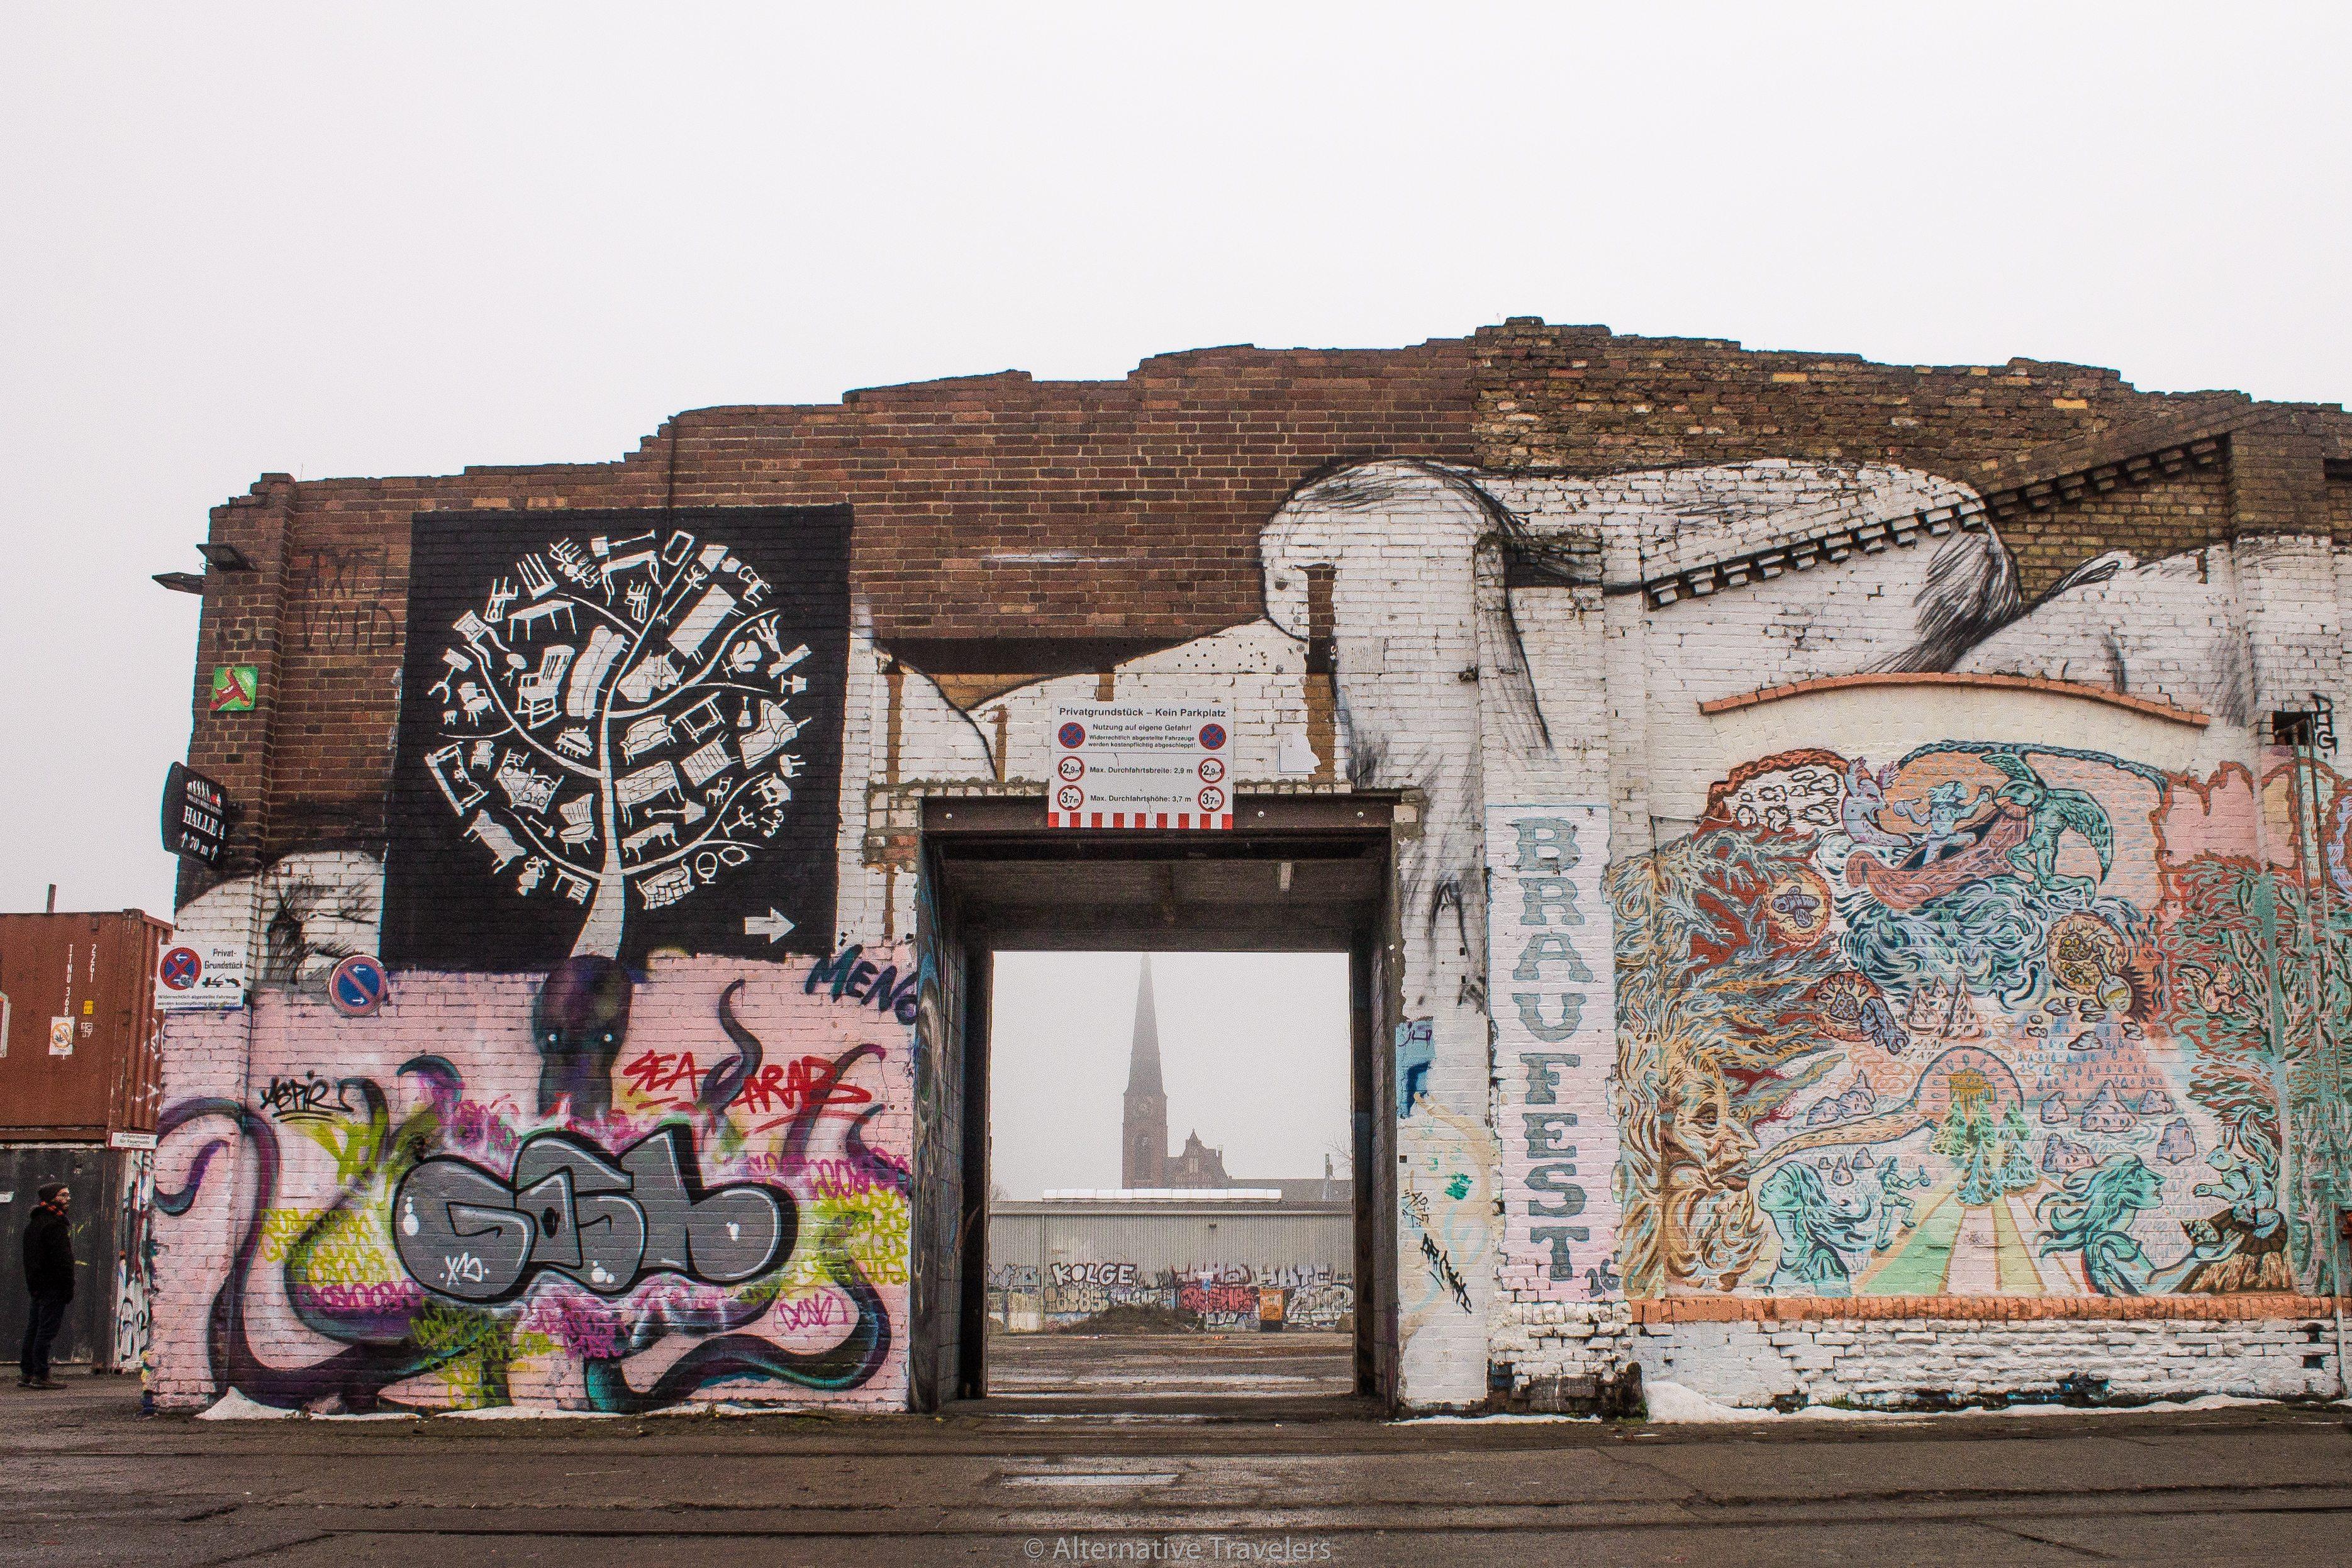 Berlin graffiti | AlternativeTravelers.com